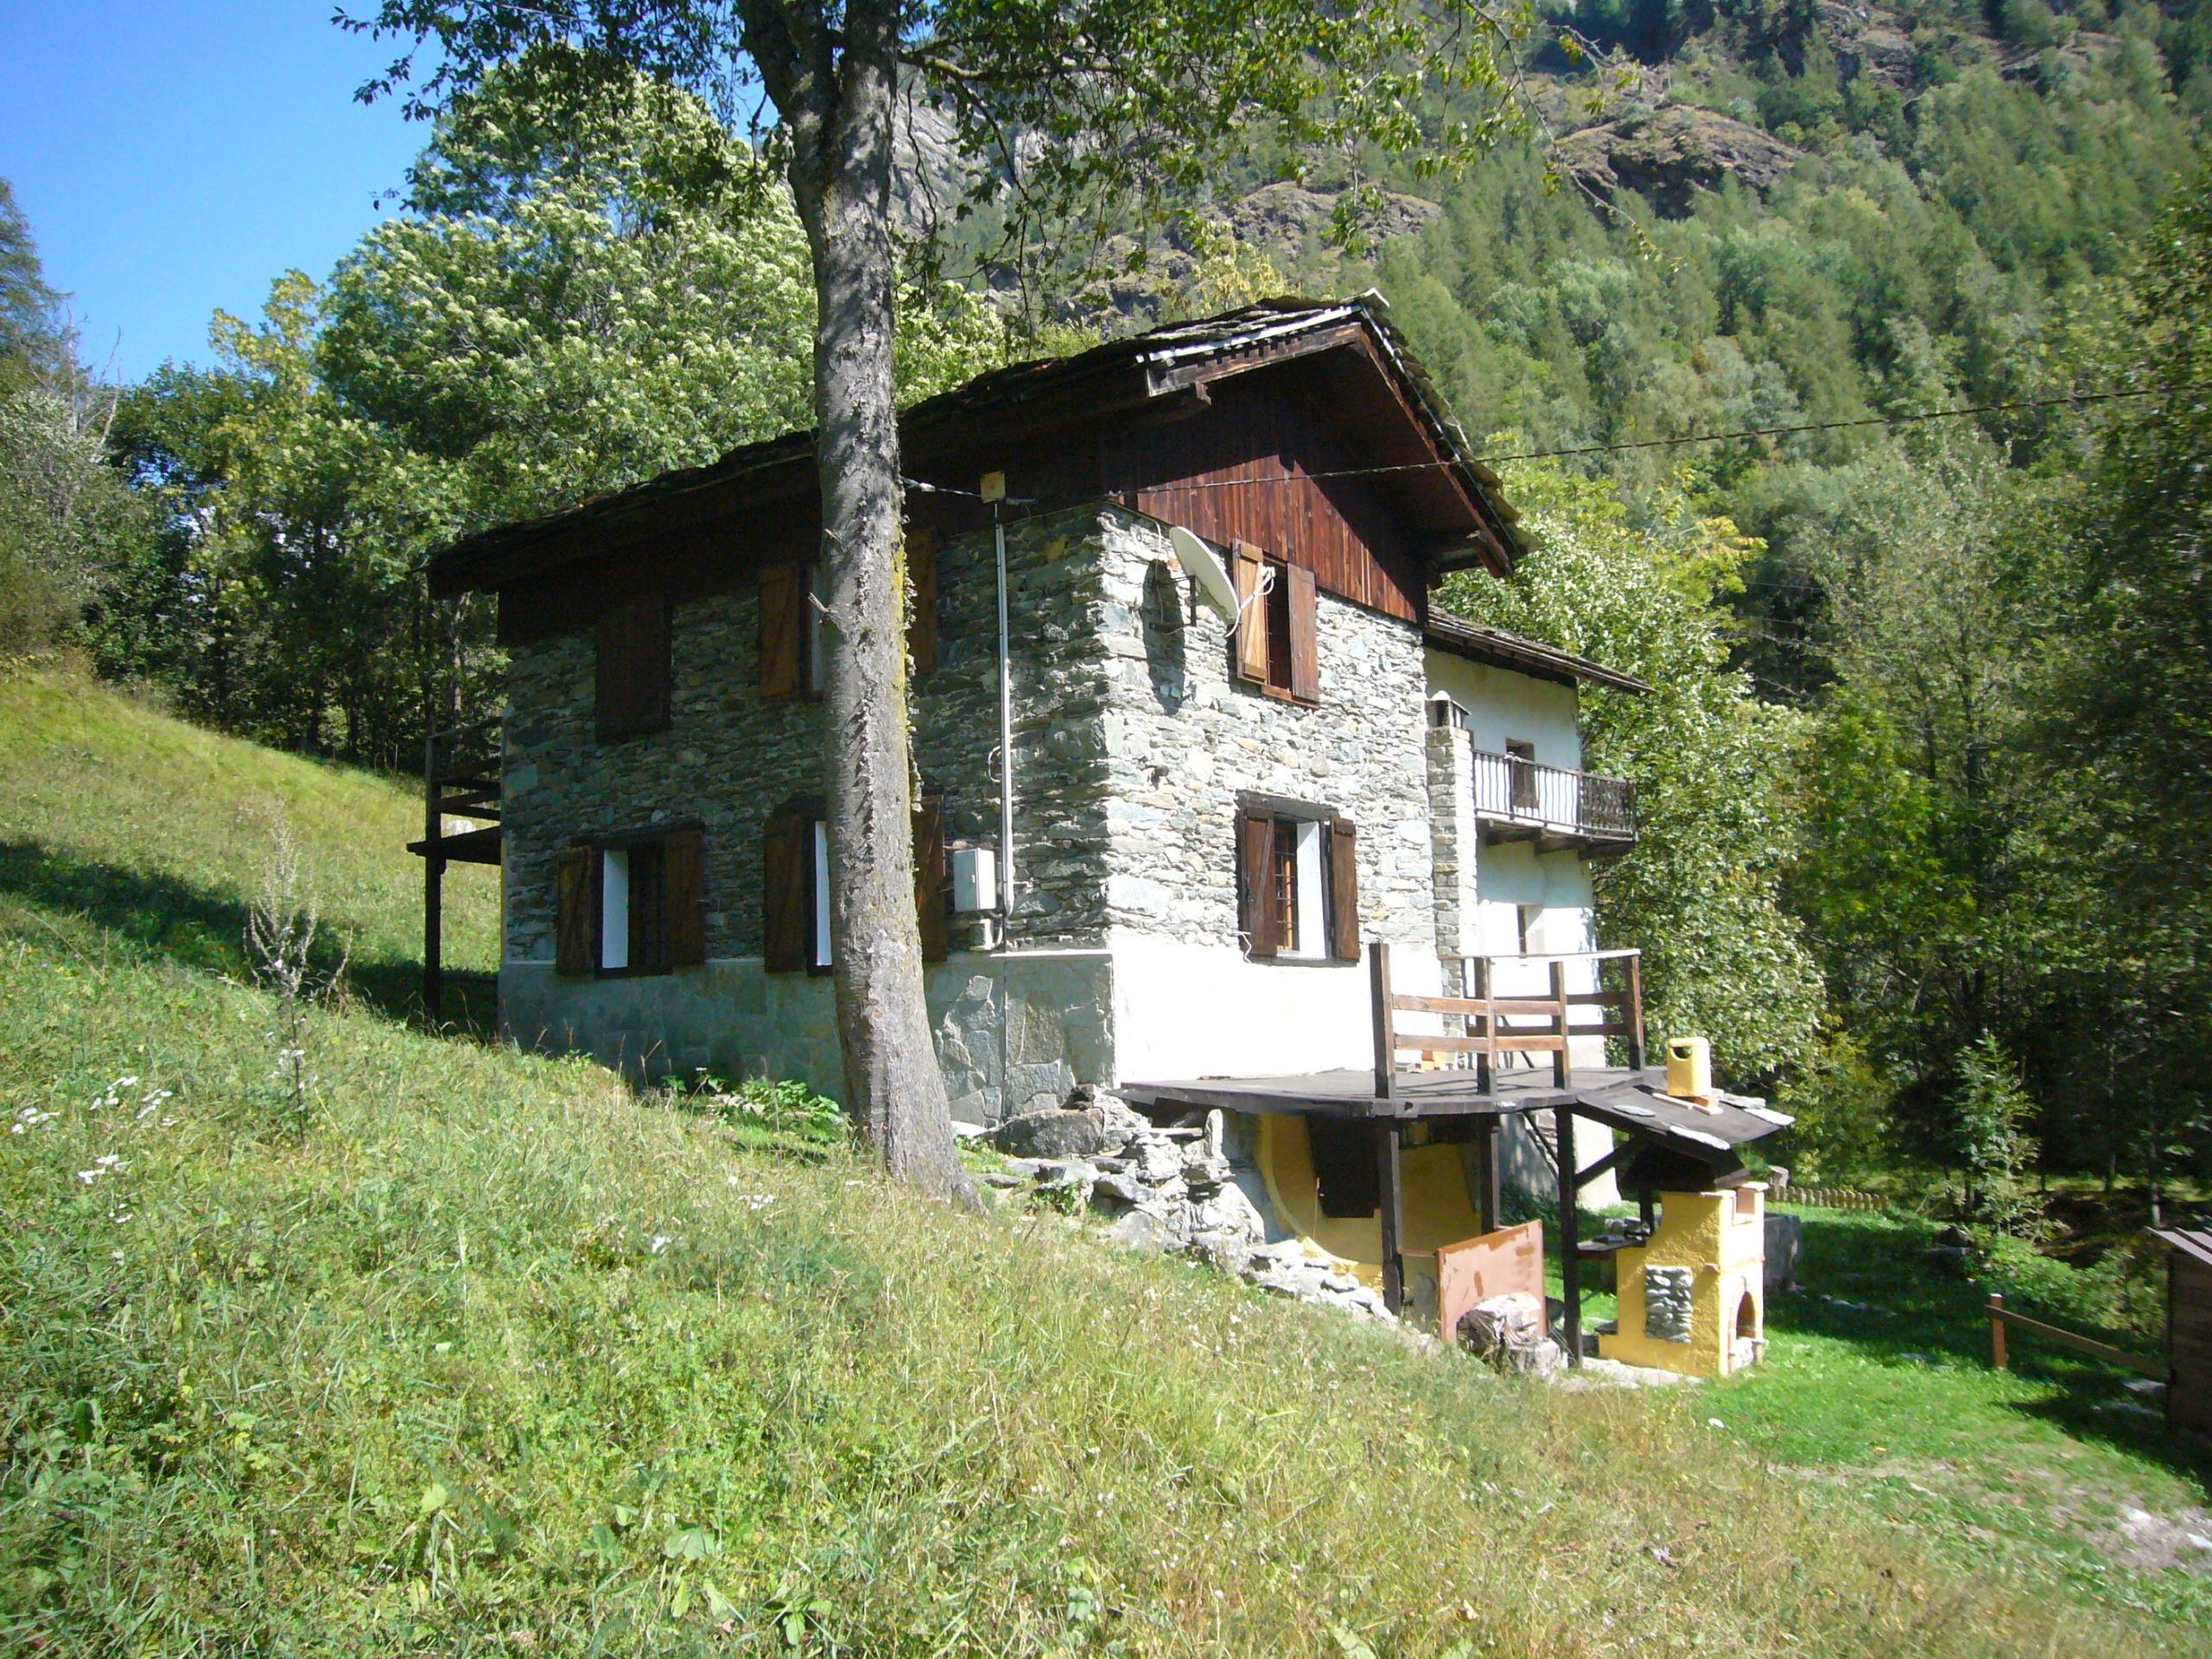 Codice 07887 case casa indipendente in vendita a antey saint andr immobiliare il perimetro - Valutazione immobile casa it ...